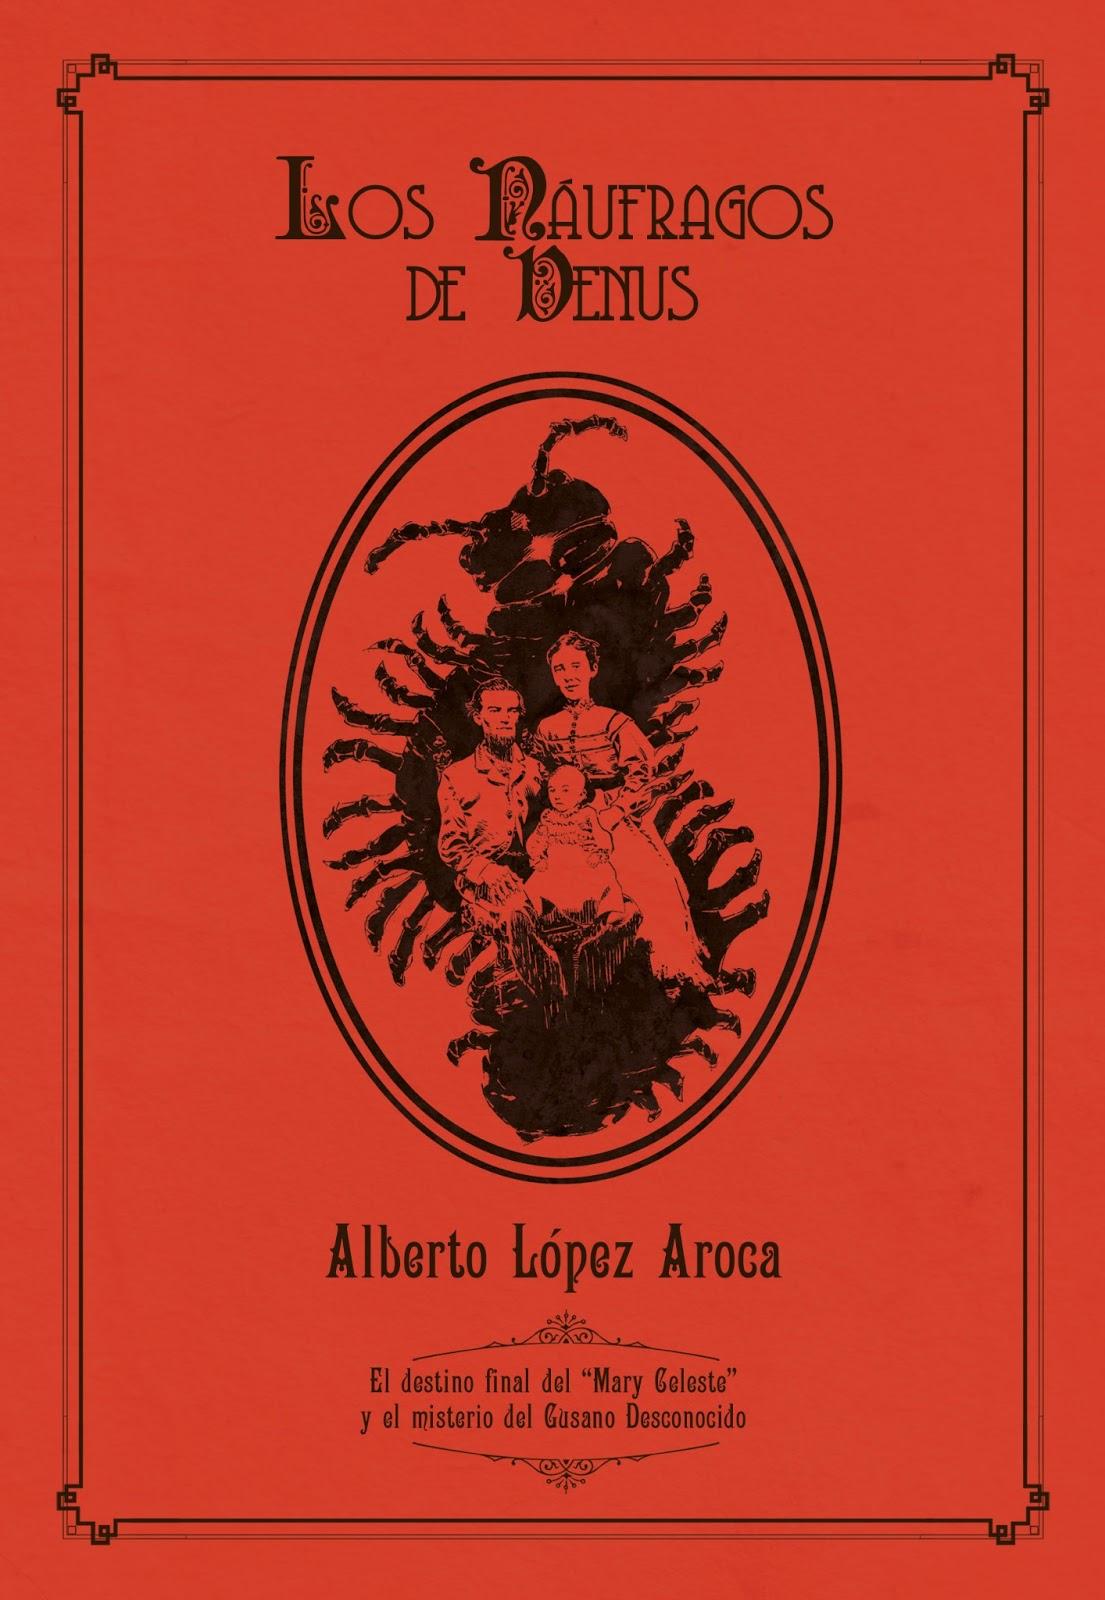 LOS NÁUFRAGOS DE VENUS, de Alberto López Aroca